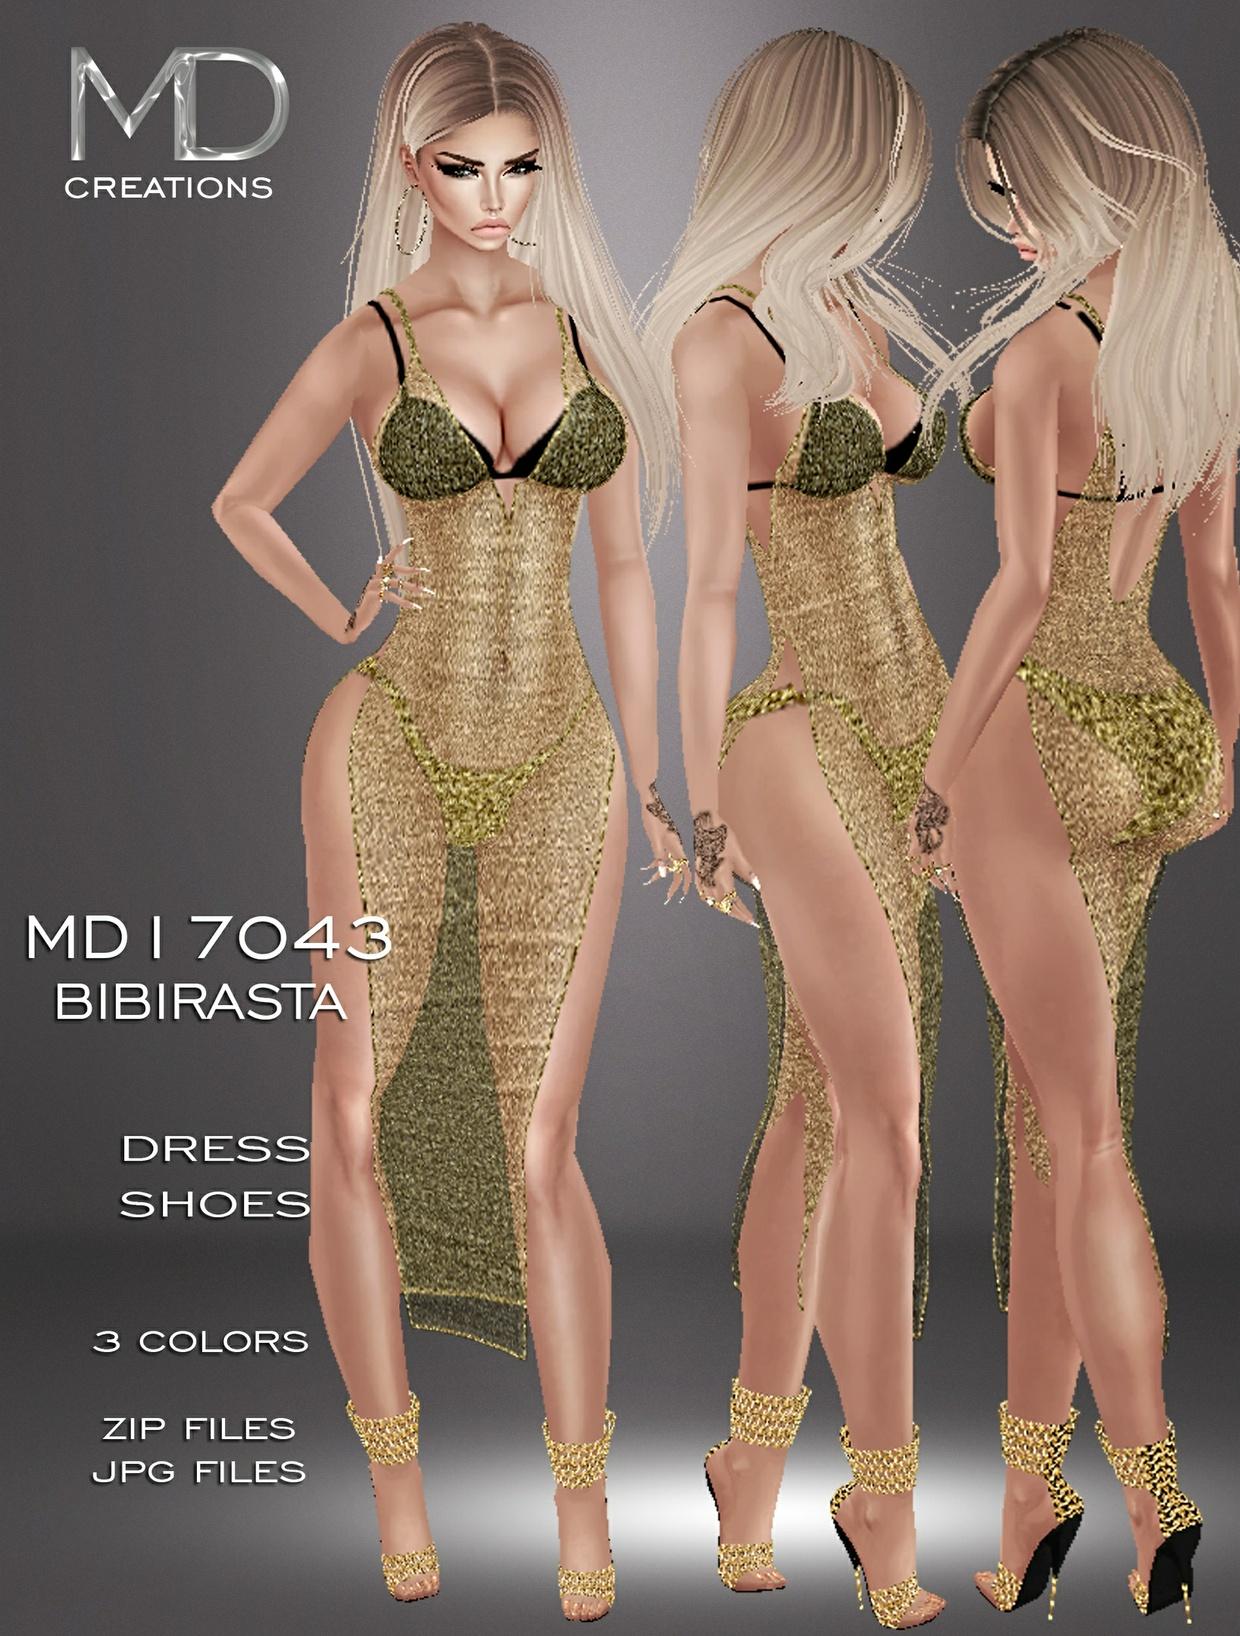 MD17043 - Bibirasta